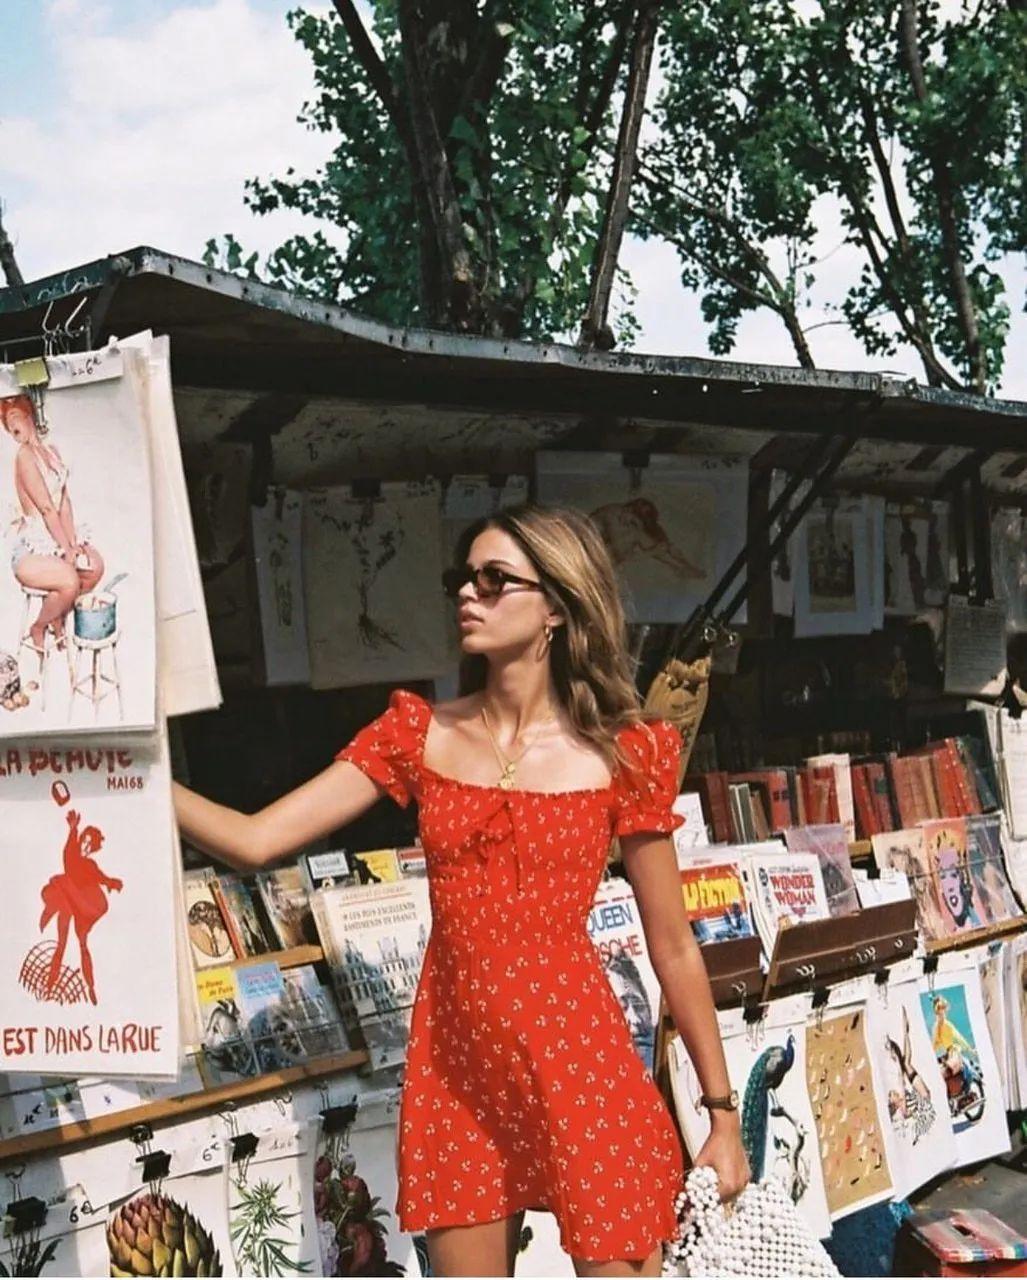 """4 kiểu váy mà phụ nữ Pháp yêu thích nhất, diện lên vừa """"thơ"""" lại vừa sang - Ảnh 3."""